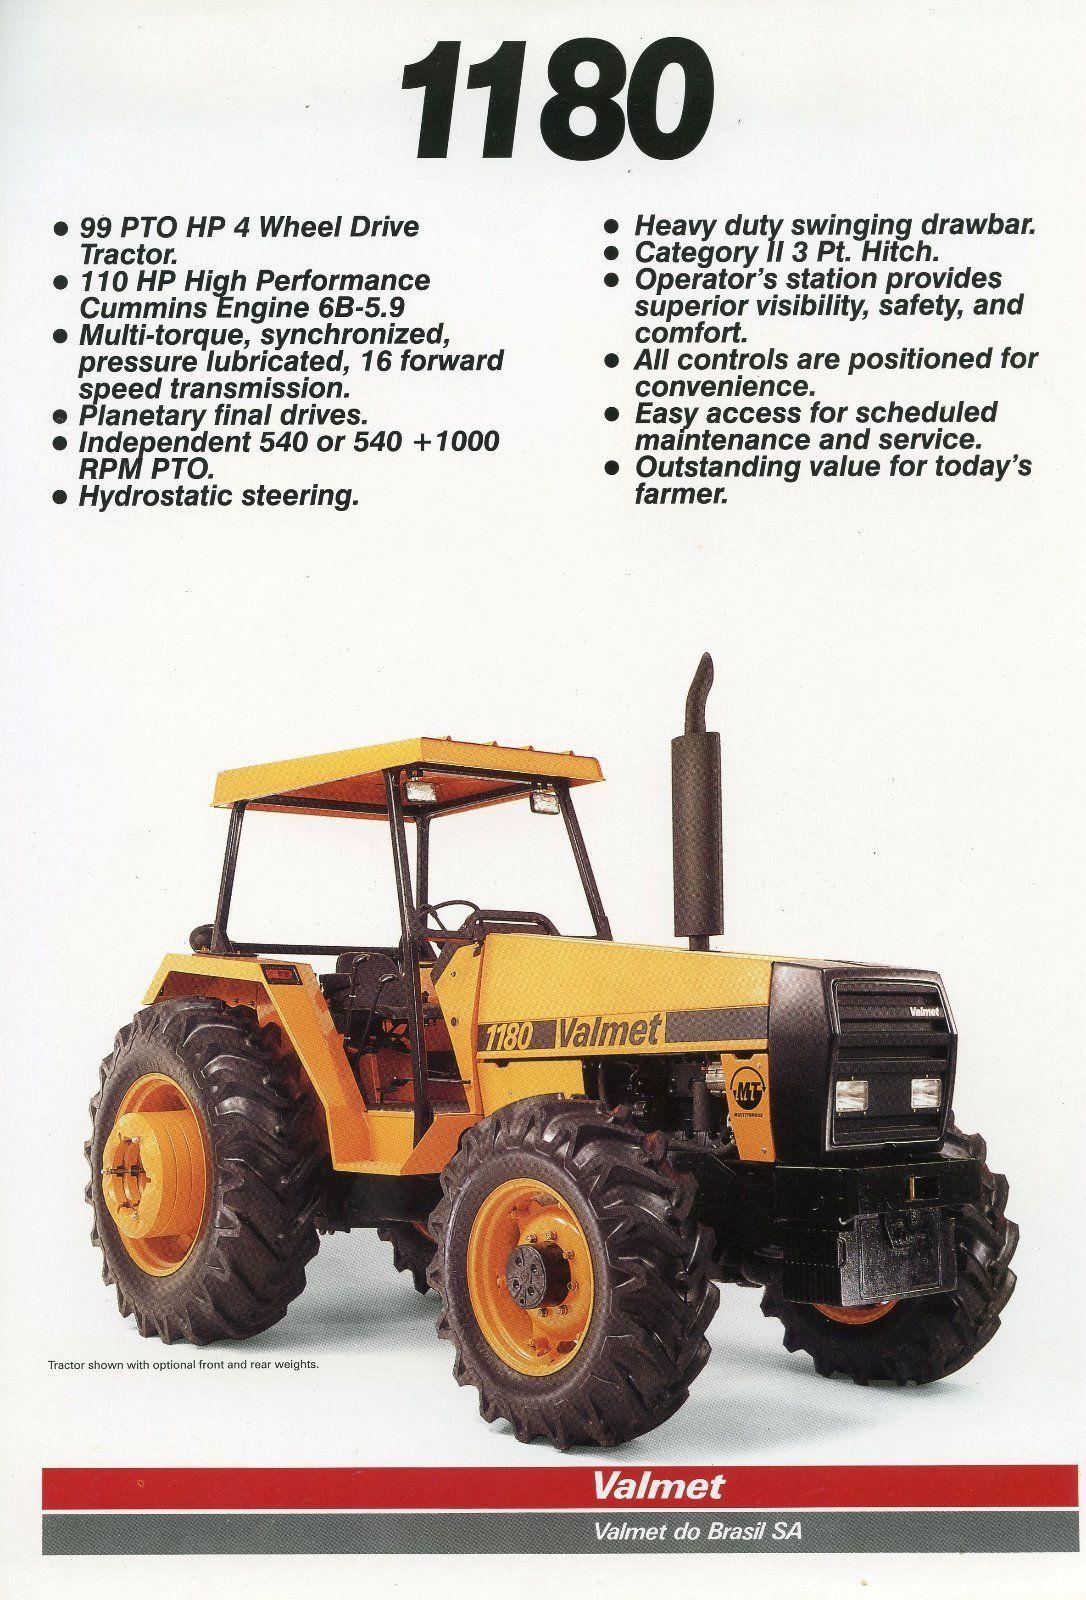 Valmet 1180 tractor leaflet - Brazilian made tractor • £1.99 - PicClick UK